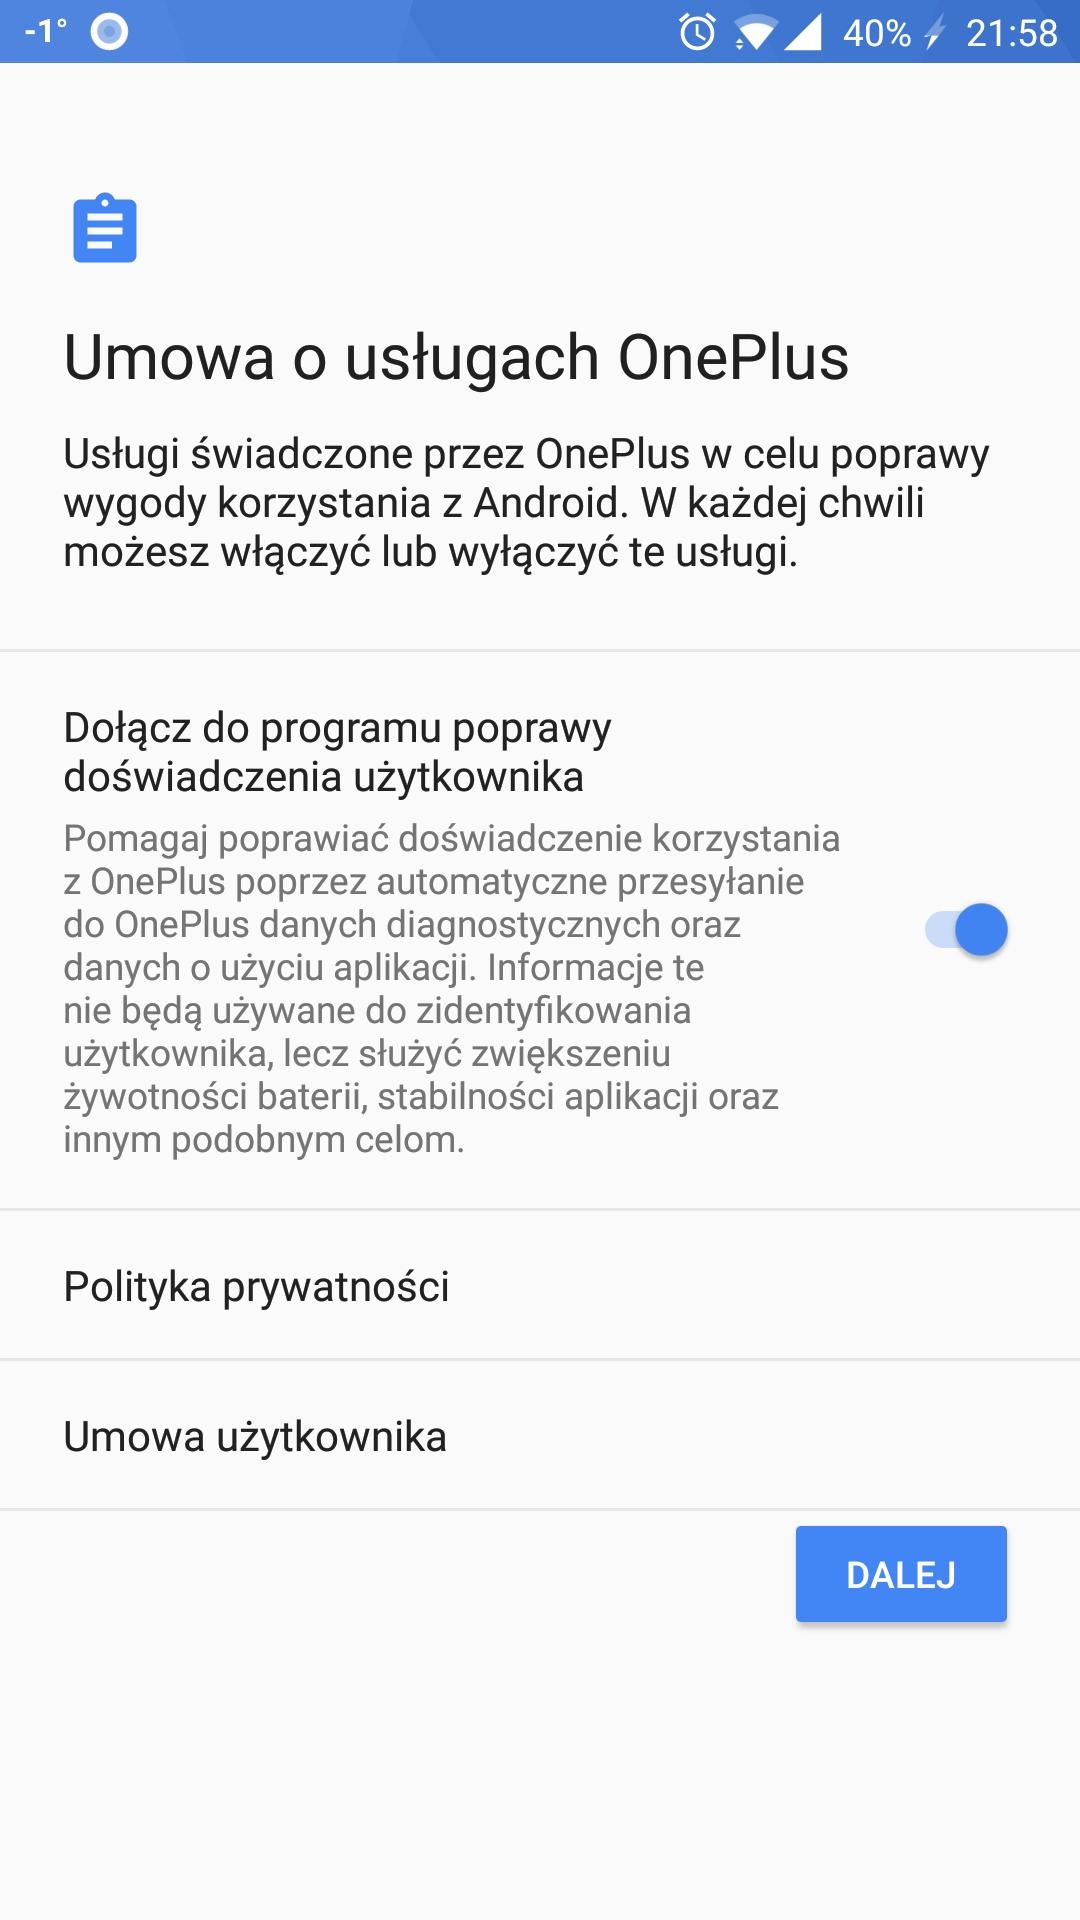 OnePlus umowa o usługach